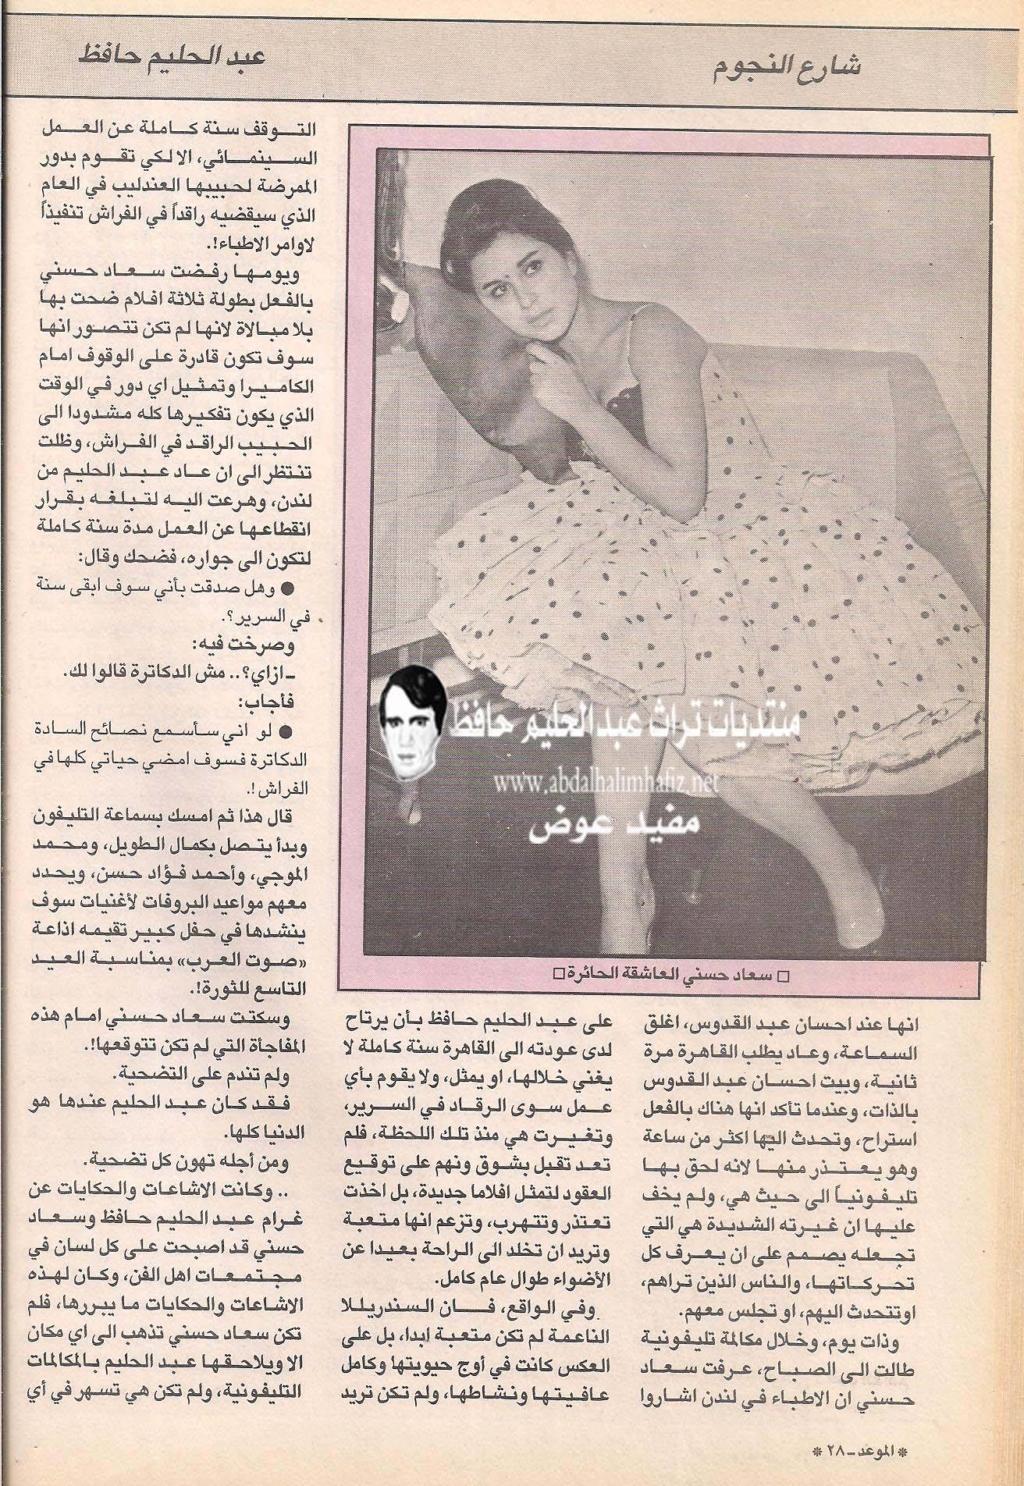 مقال - مقال صحفي : سعاد حسني كانت عاشقة للعندليب 1961 م 394